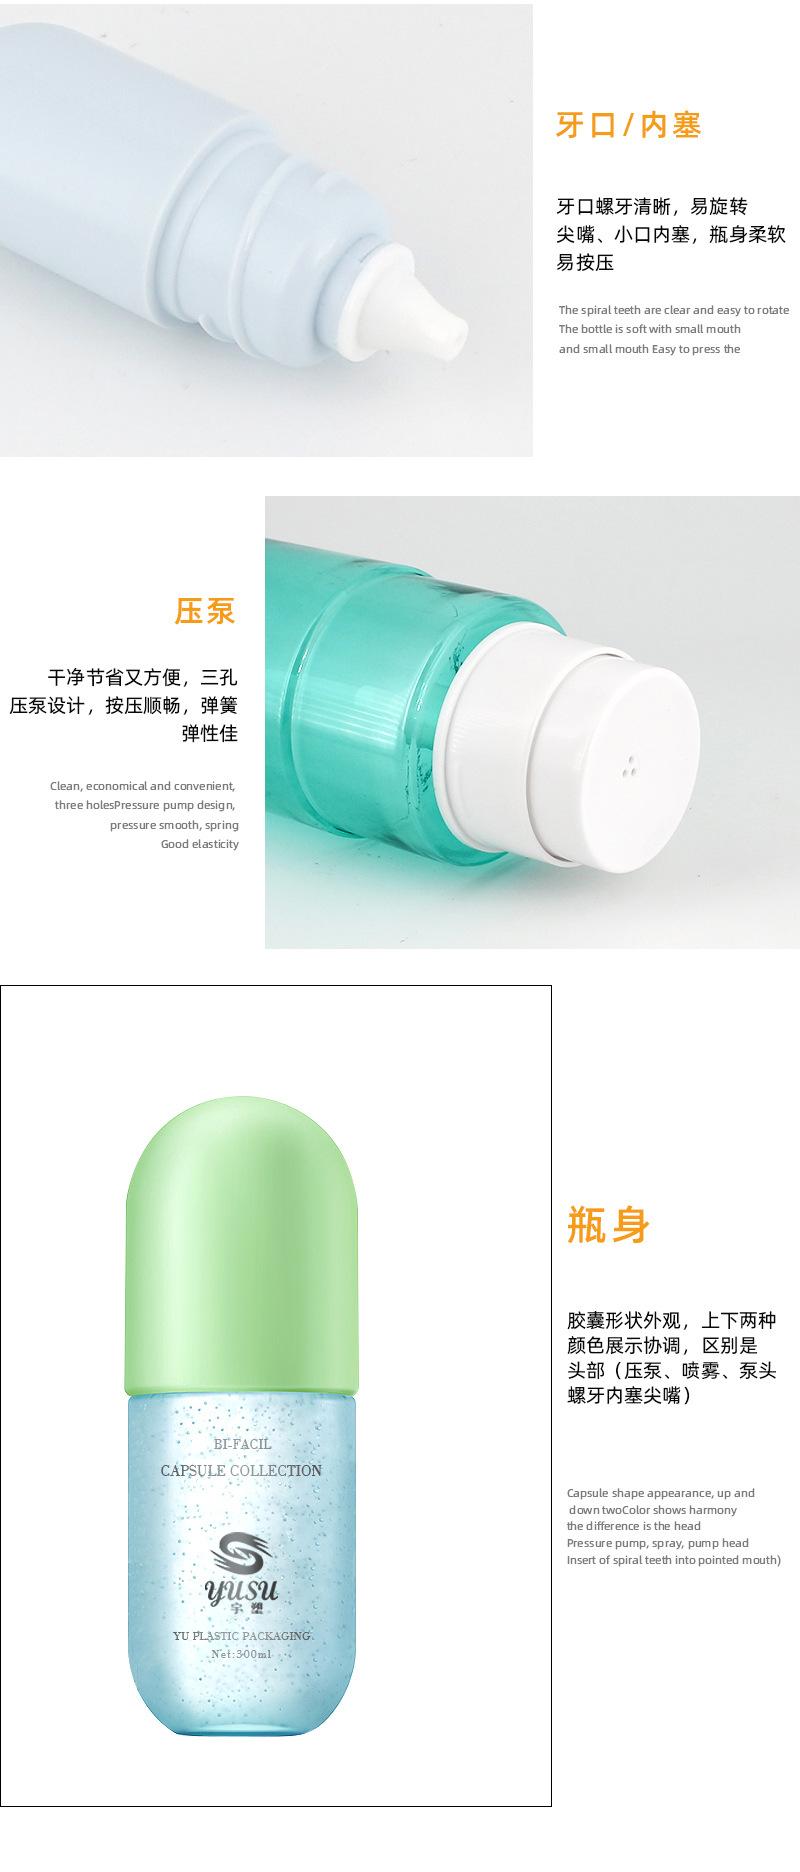 胶囊系列包材配件